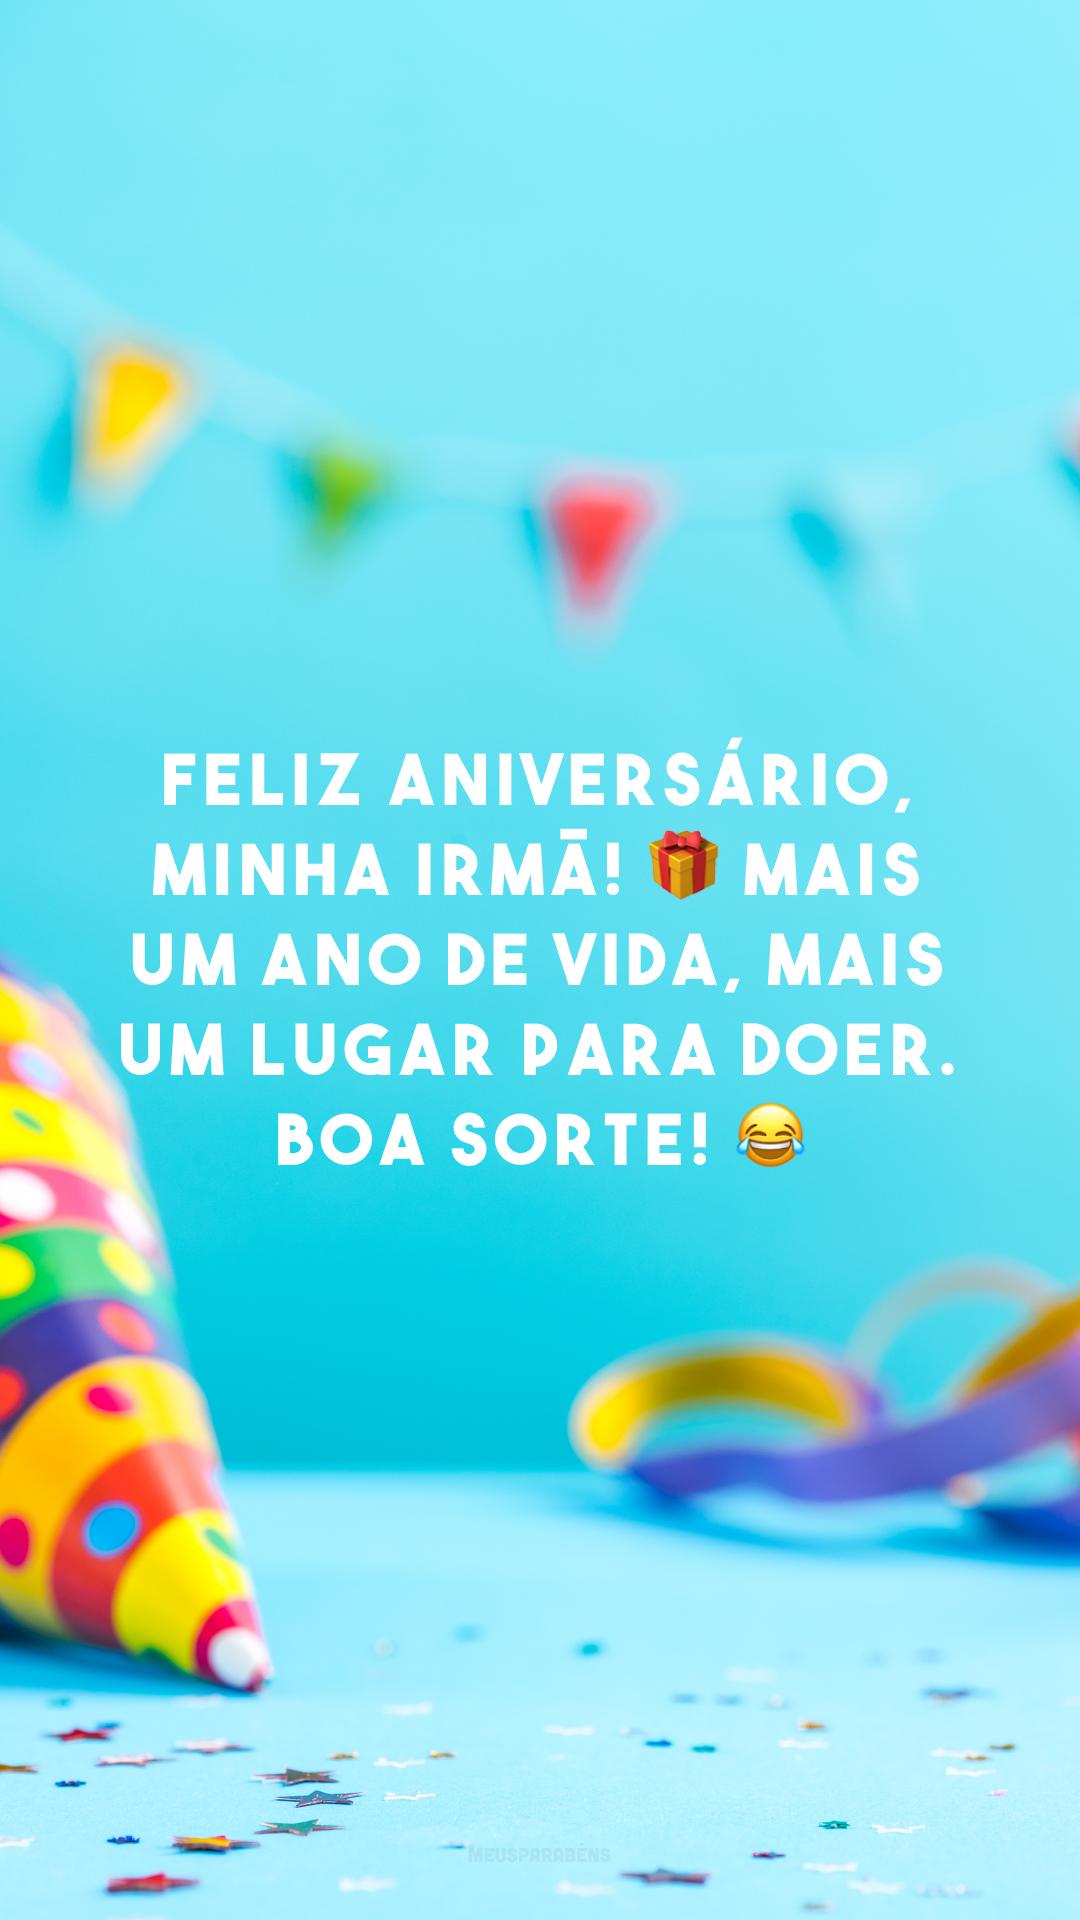 Feliz aniversário, minha irmã! 🎁 Mais um ano de vida, mais um lugar para doer. Boa sorte! 😂